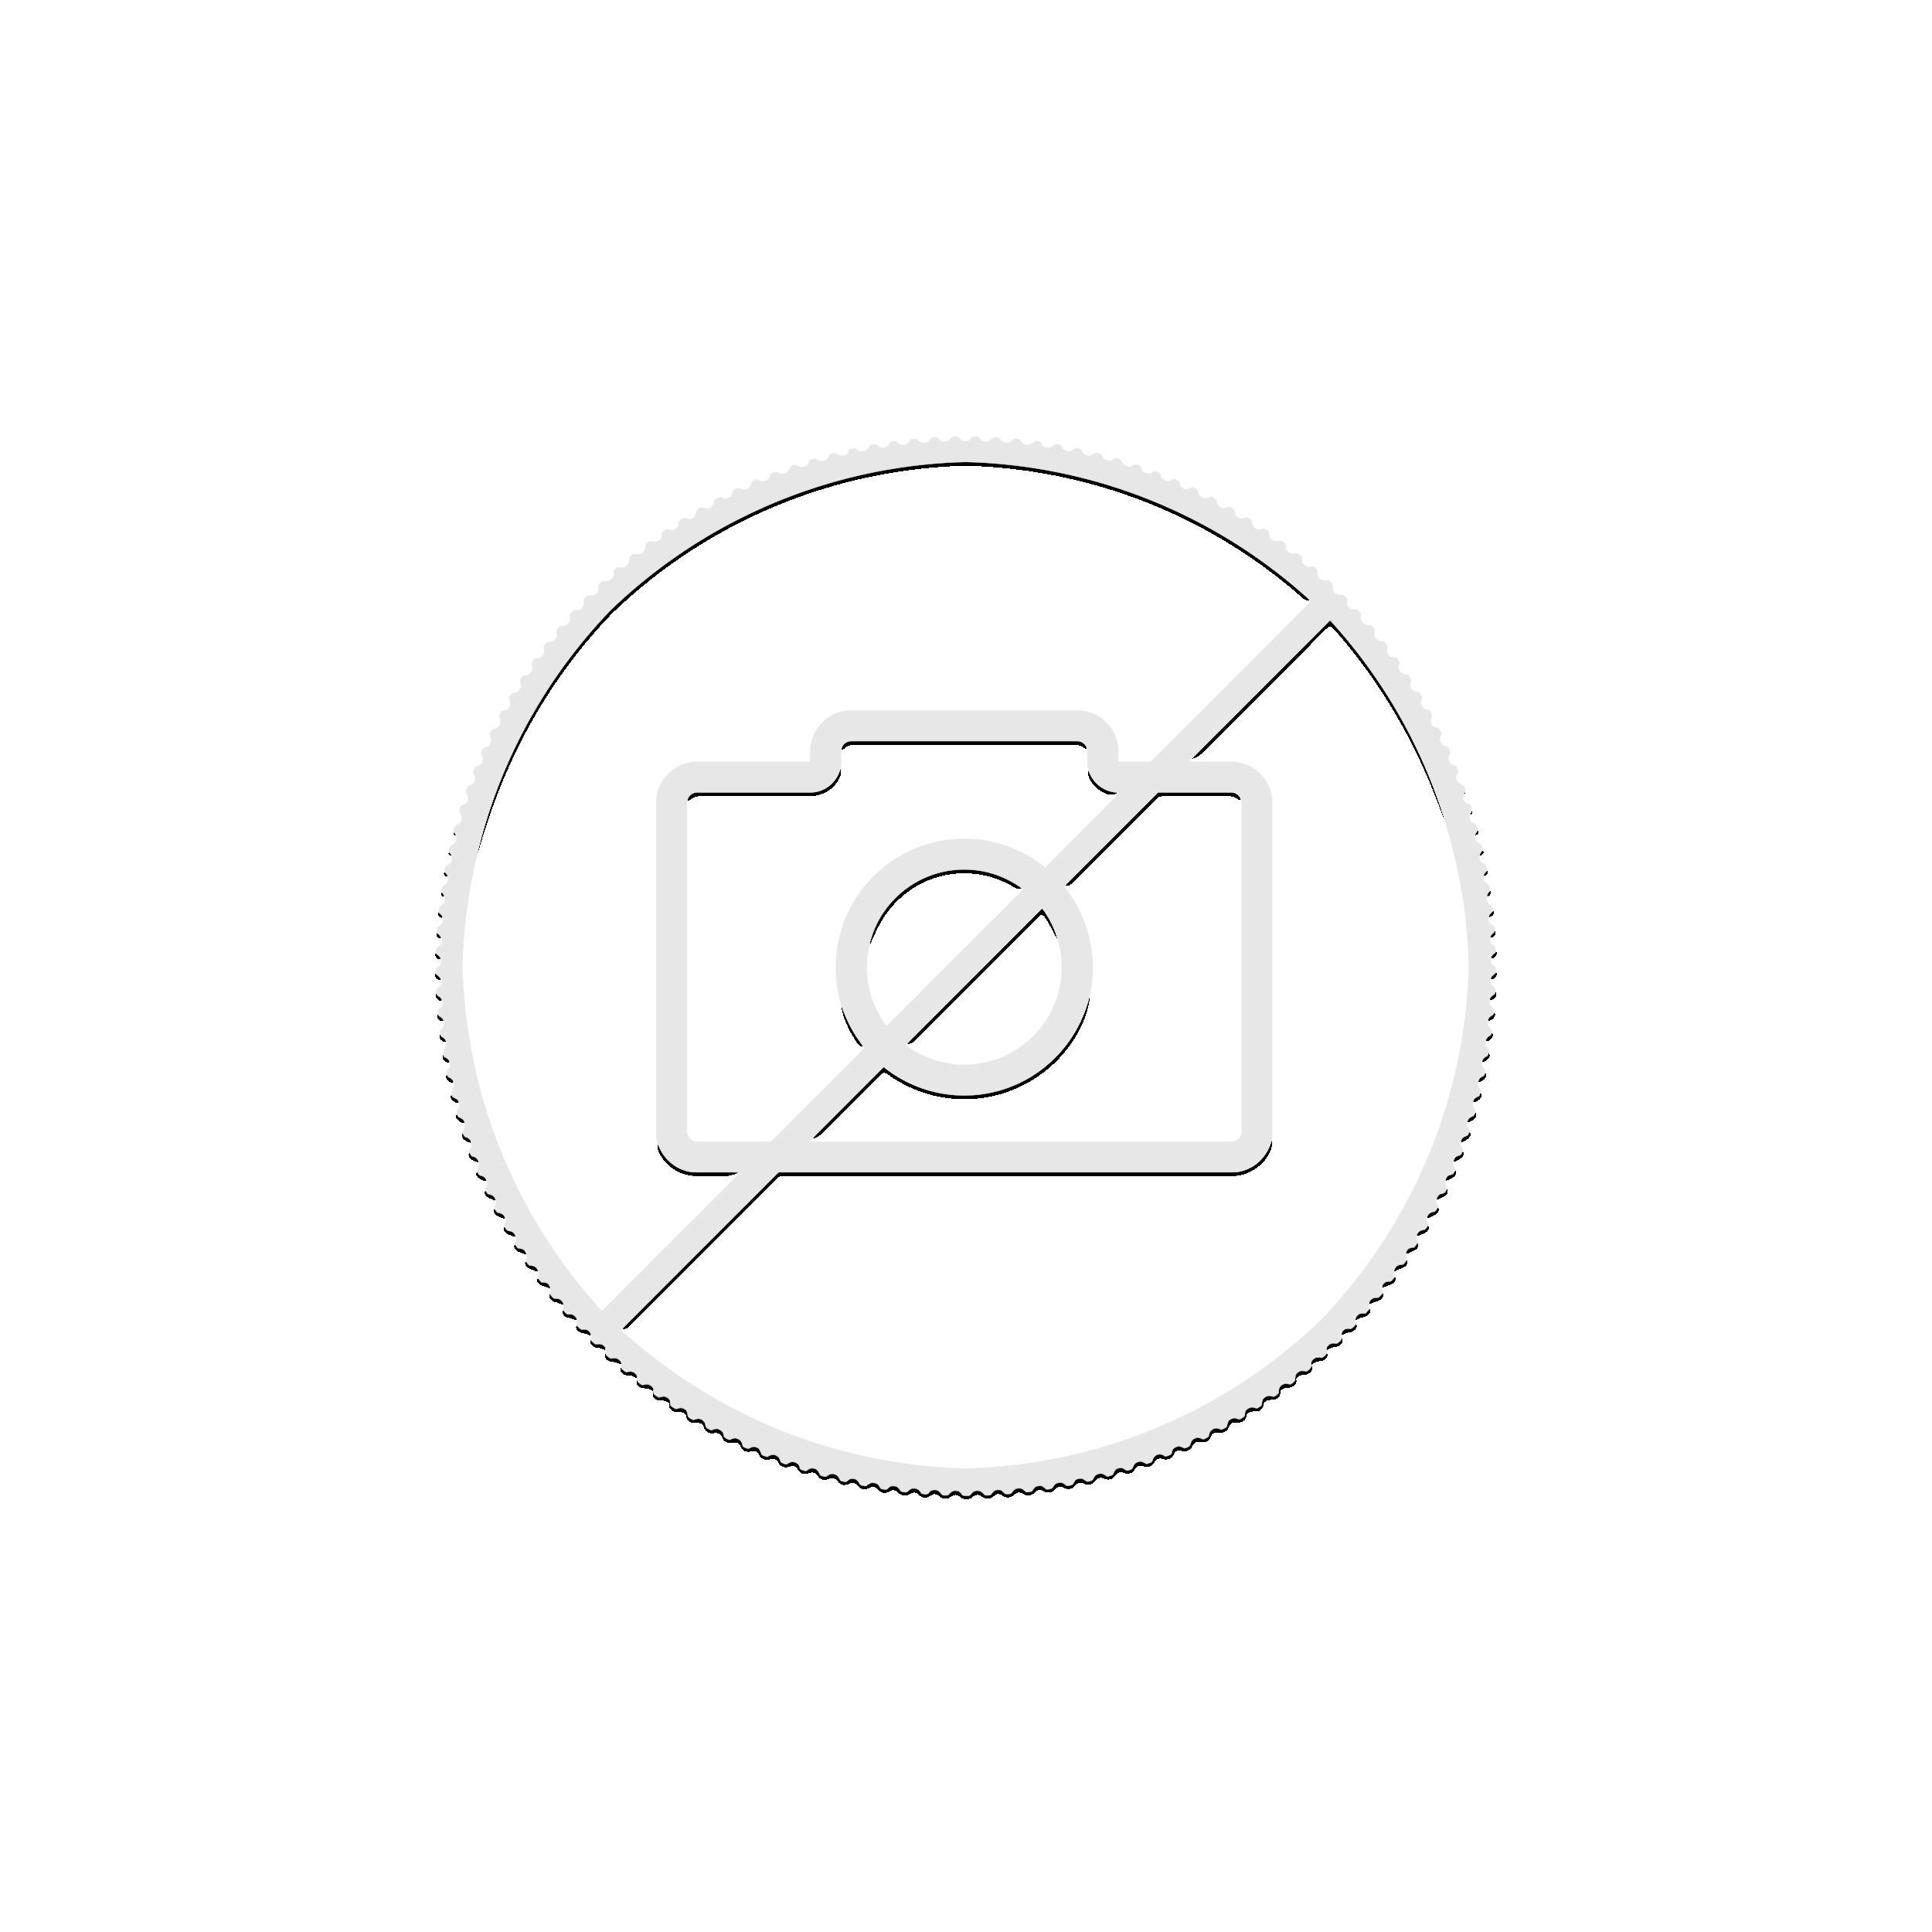 Box of 10x Leuchtturm protective quadrum coin capsules 30 mm